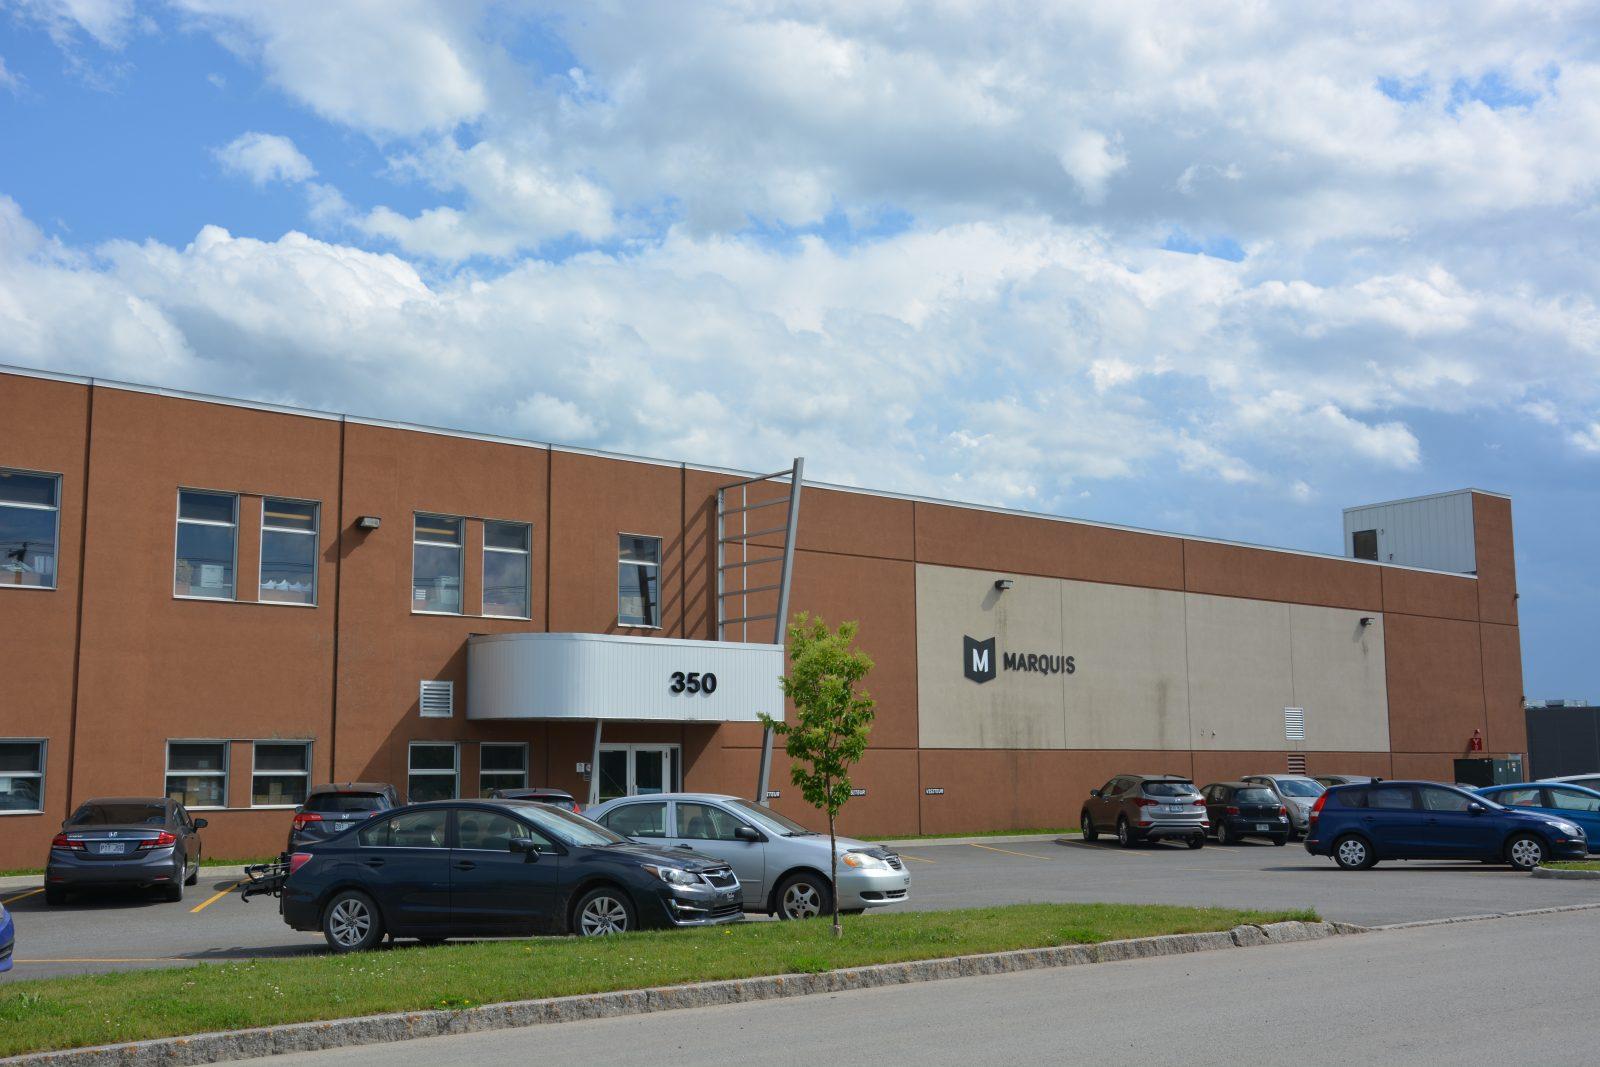 Marquis Imprimeur acquiert Webcom et devient le plus important fabricant de livres au Canada